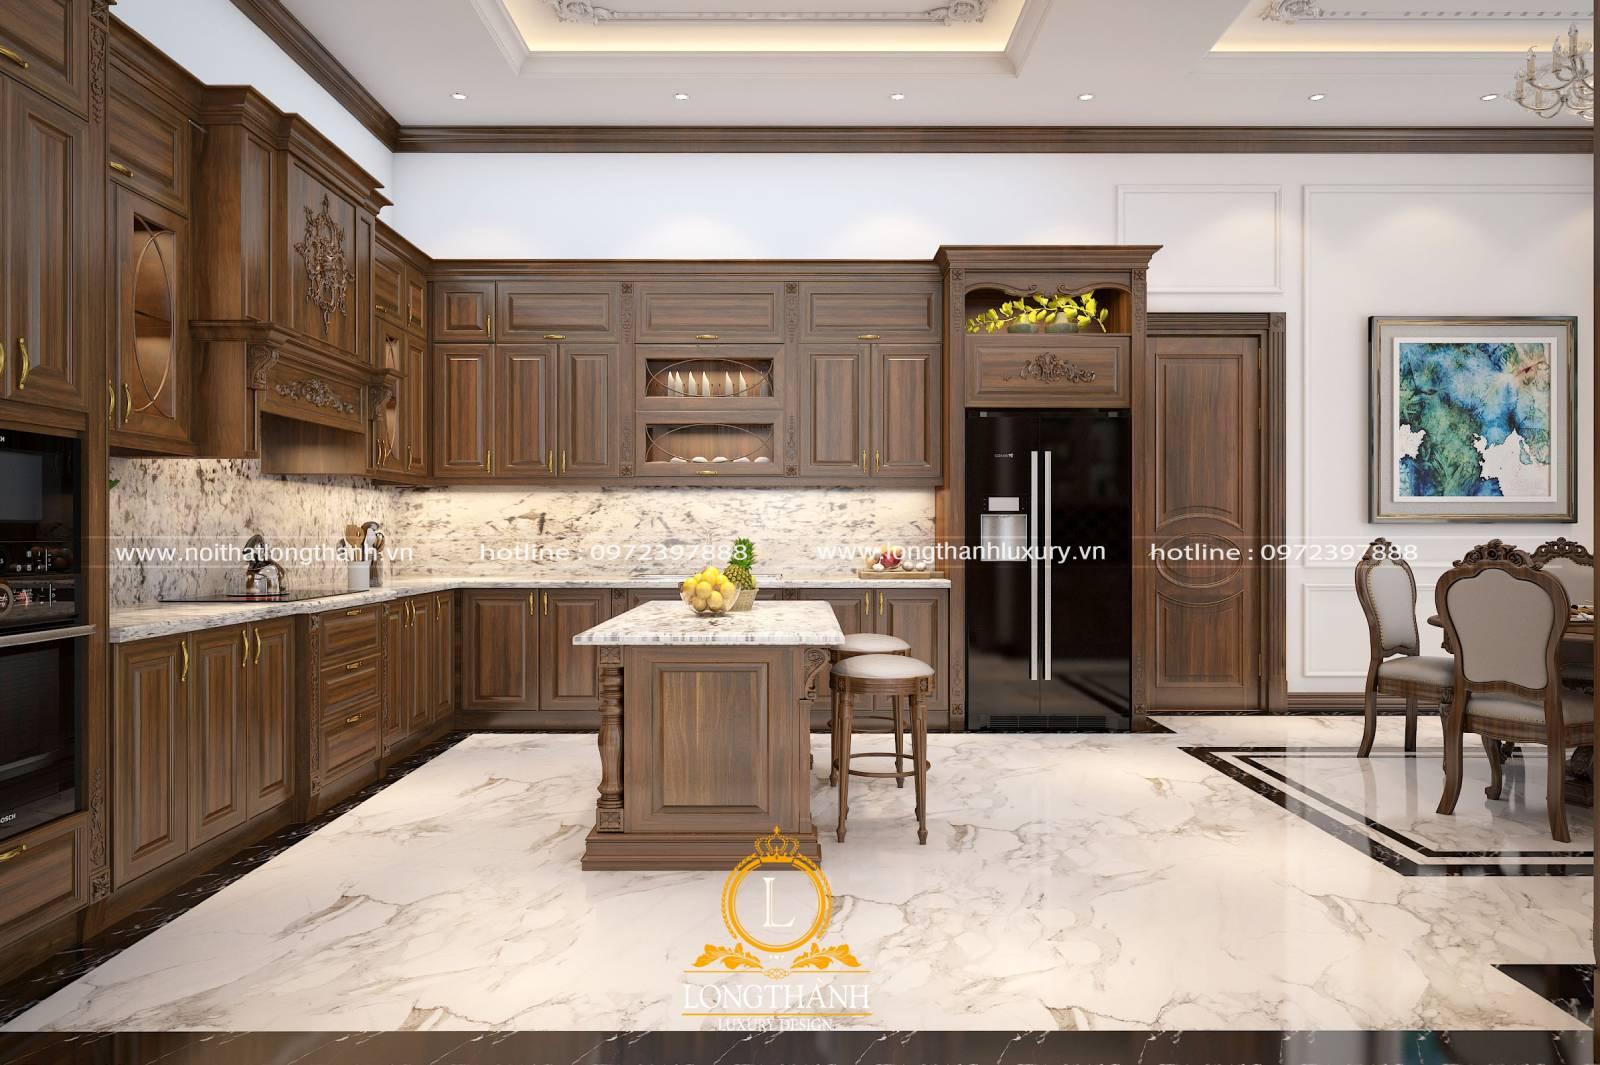 Tủ bếp gỗ Gỗ tự nhiên sơn PU tạo nên vẻ đẹp sang  - sáng hiện đại